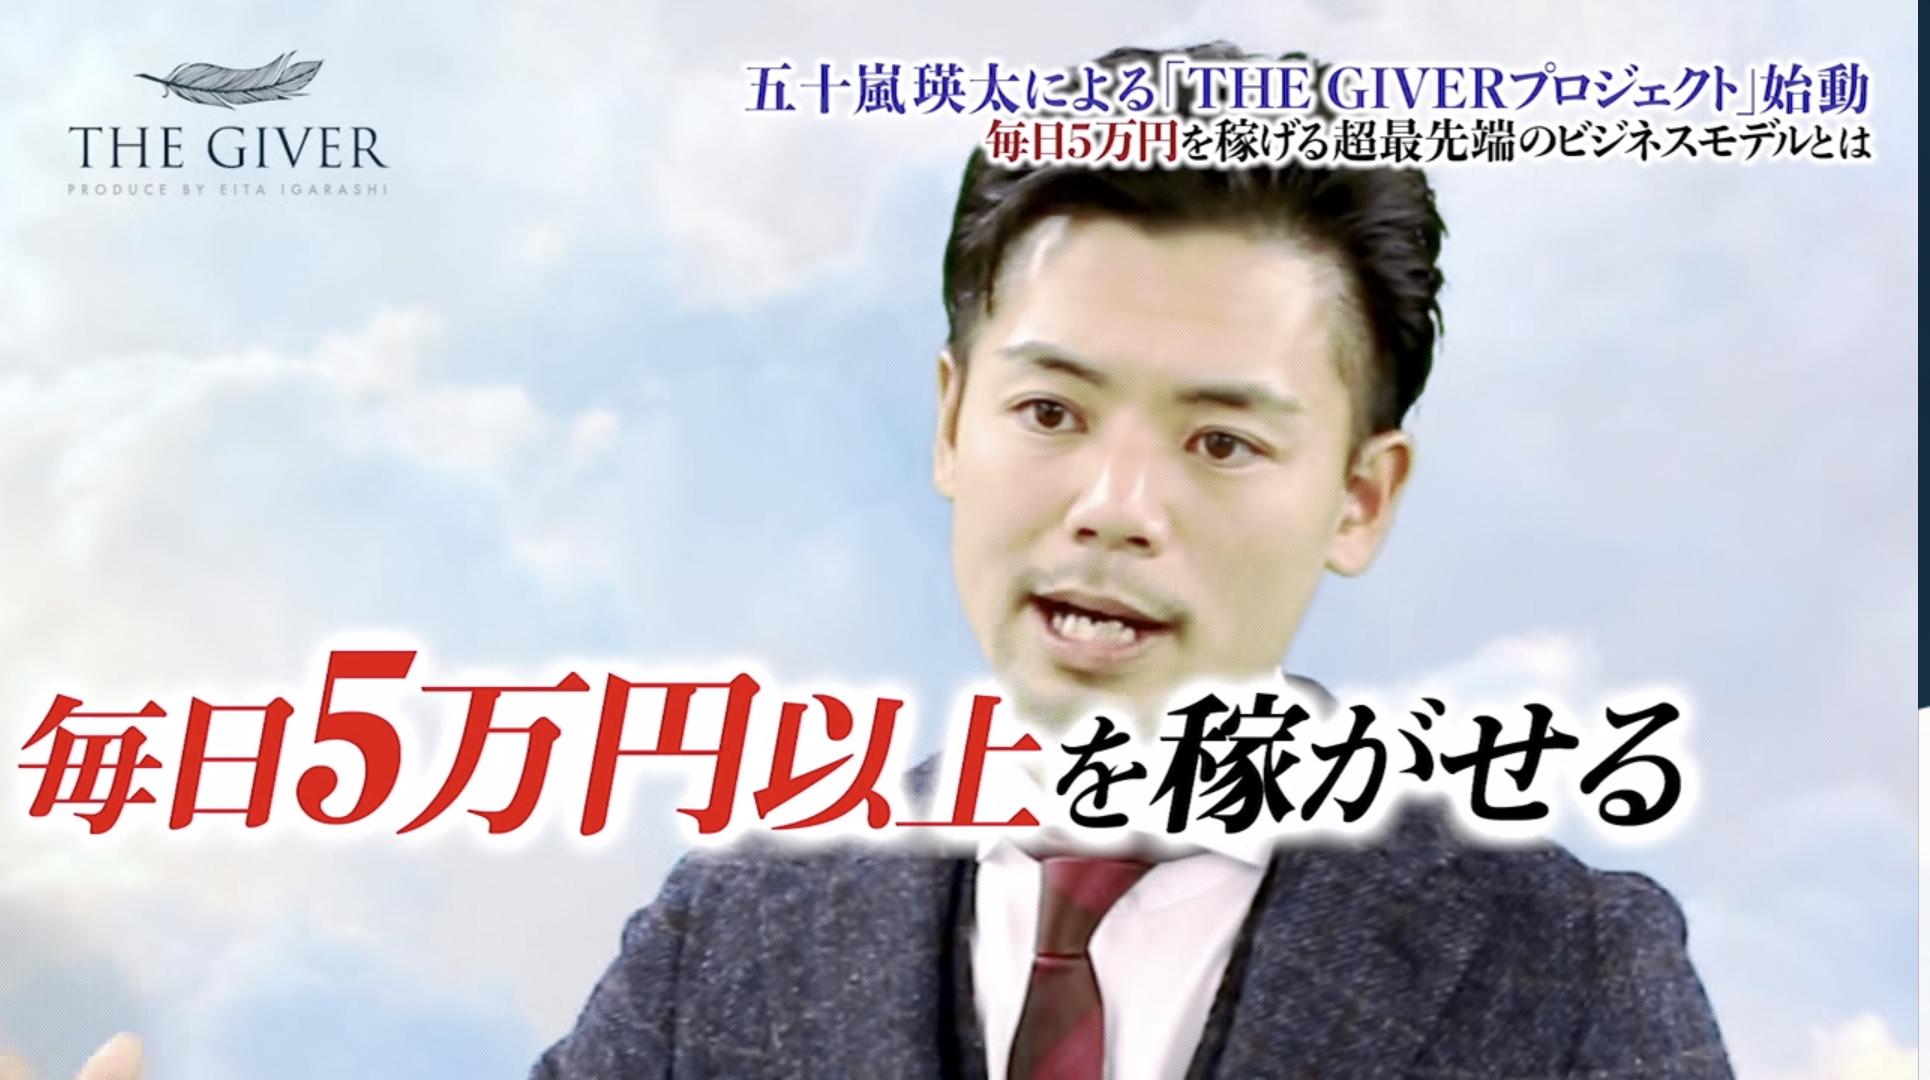 五十嵐瑛太のTHE GIVER PROJECT(ギバープロジェクト)詳細